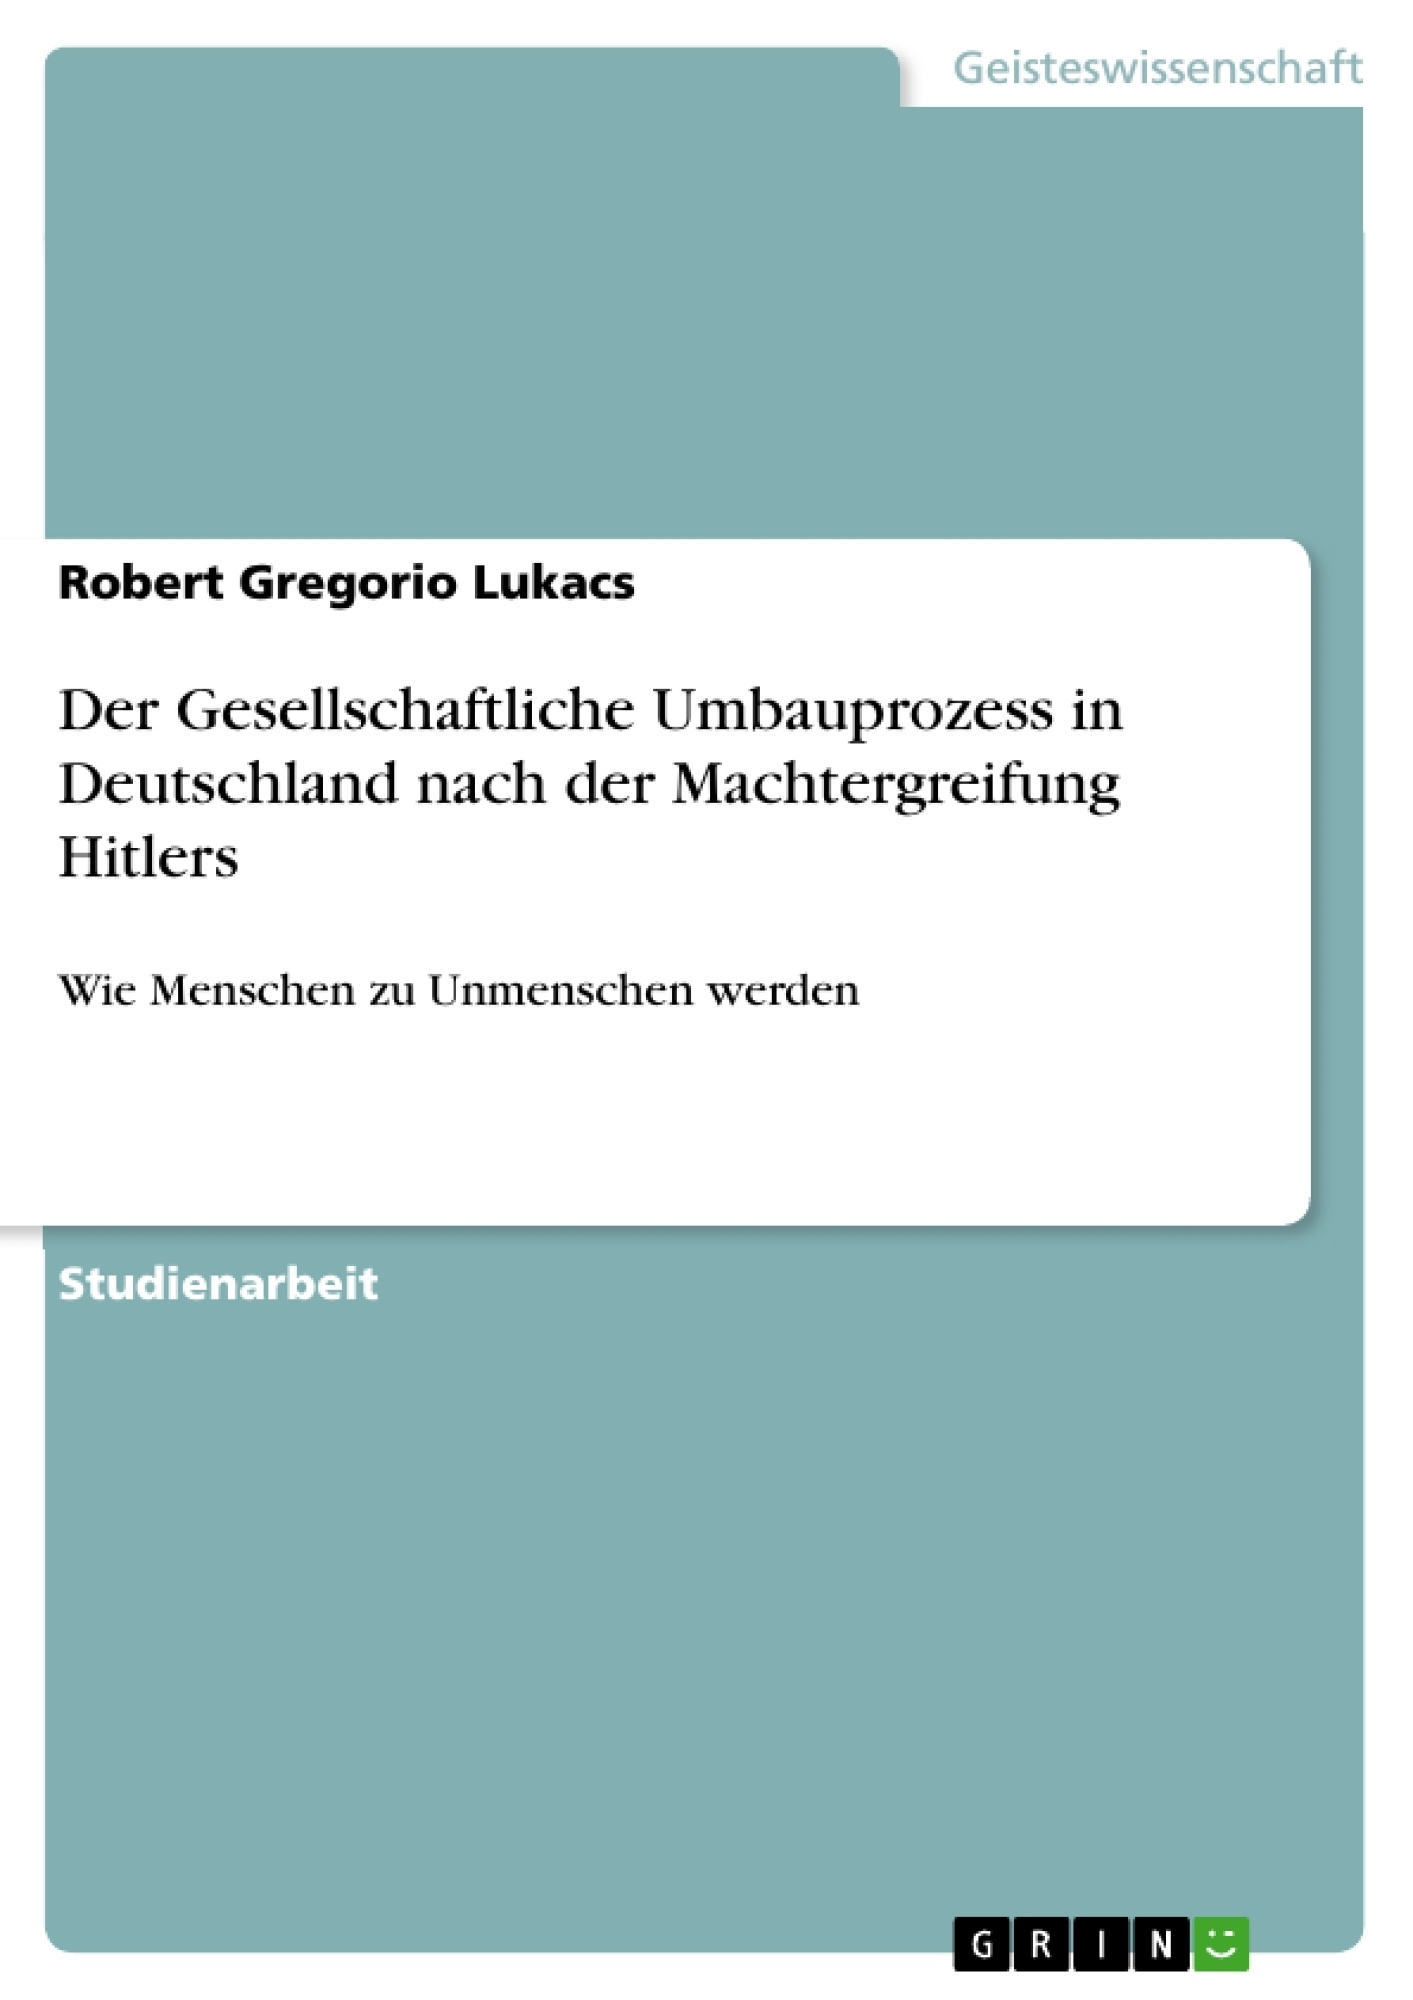 Titel: Der Gesellschaftliche Umbauprozess in Deutschland nach der Machtergreifung Hitlers